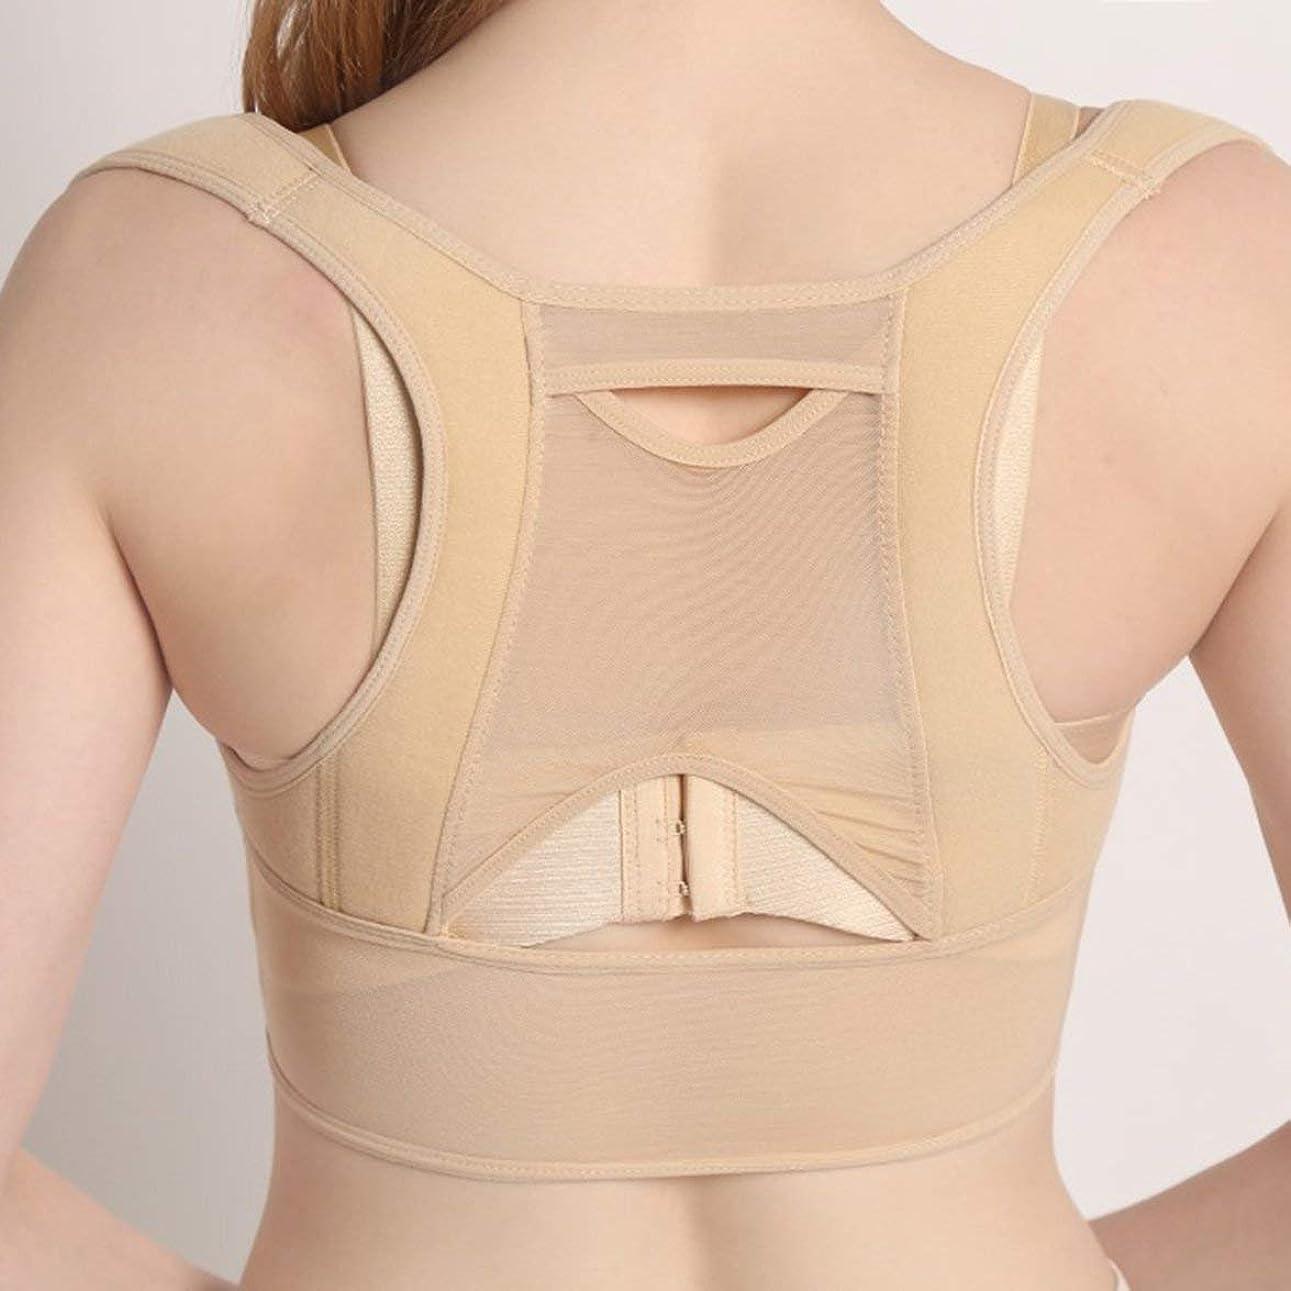 セミナー一過性想起インターコアリーボディーコレクション 女性背部姿勢矯正コルセット整形外科肩こり脊椎姿勢矯正腰椎サポート